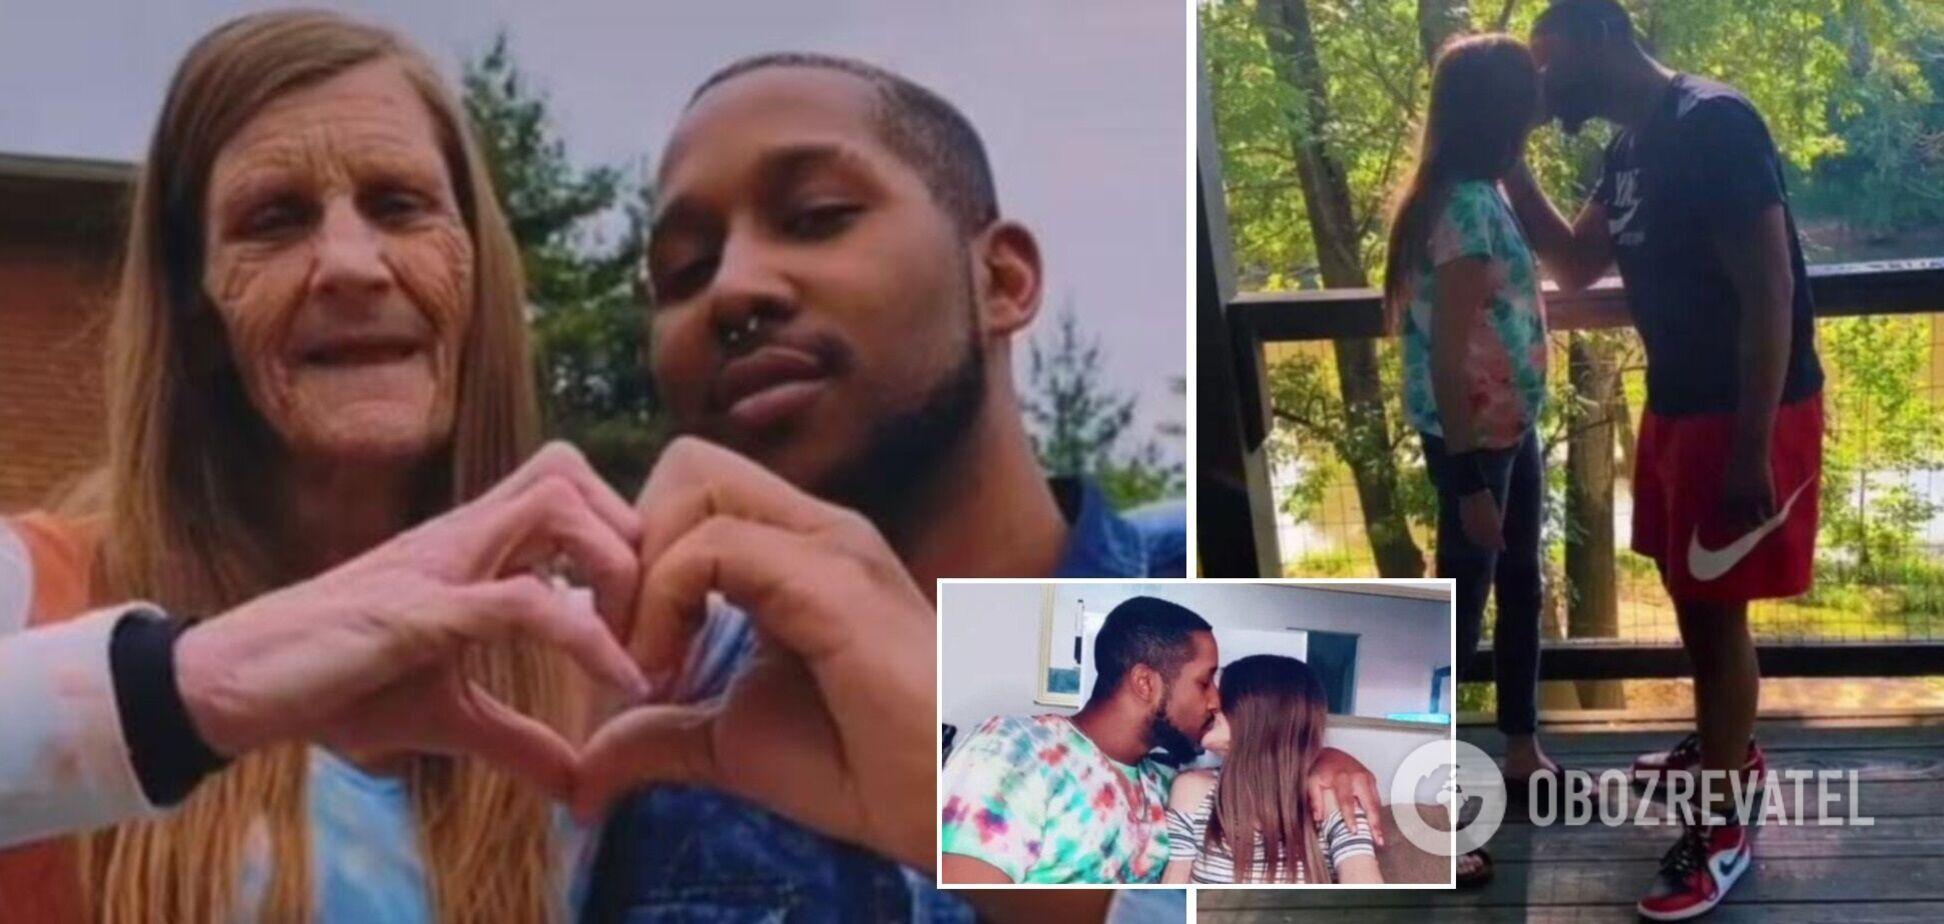 23-річний хлопець показує в Tik Tok танці і поцілунки зі своєю 60-річною дівчиною